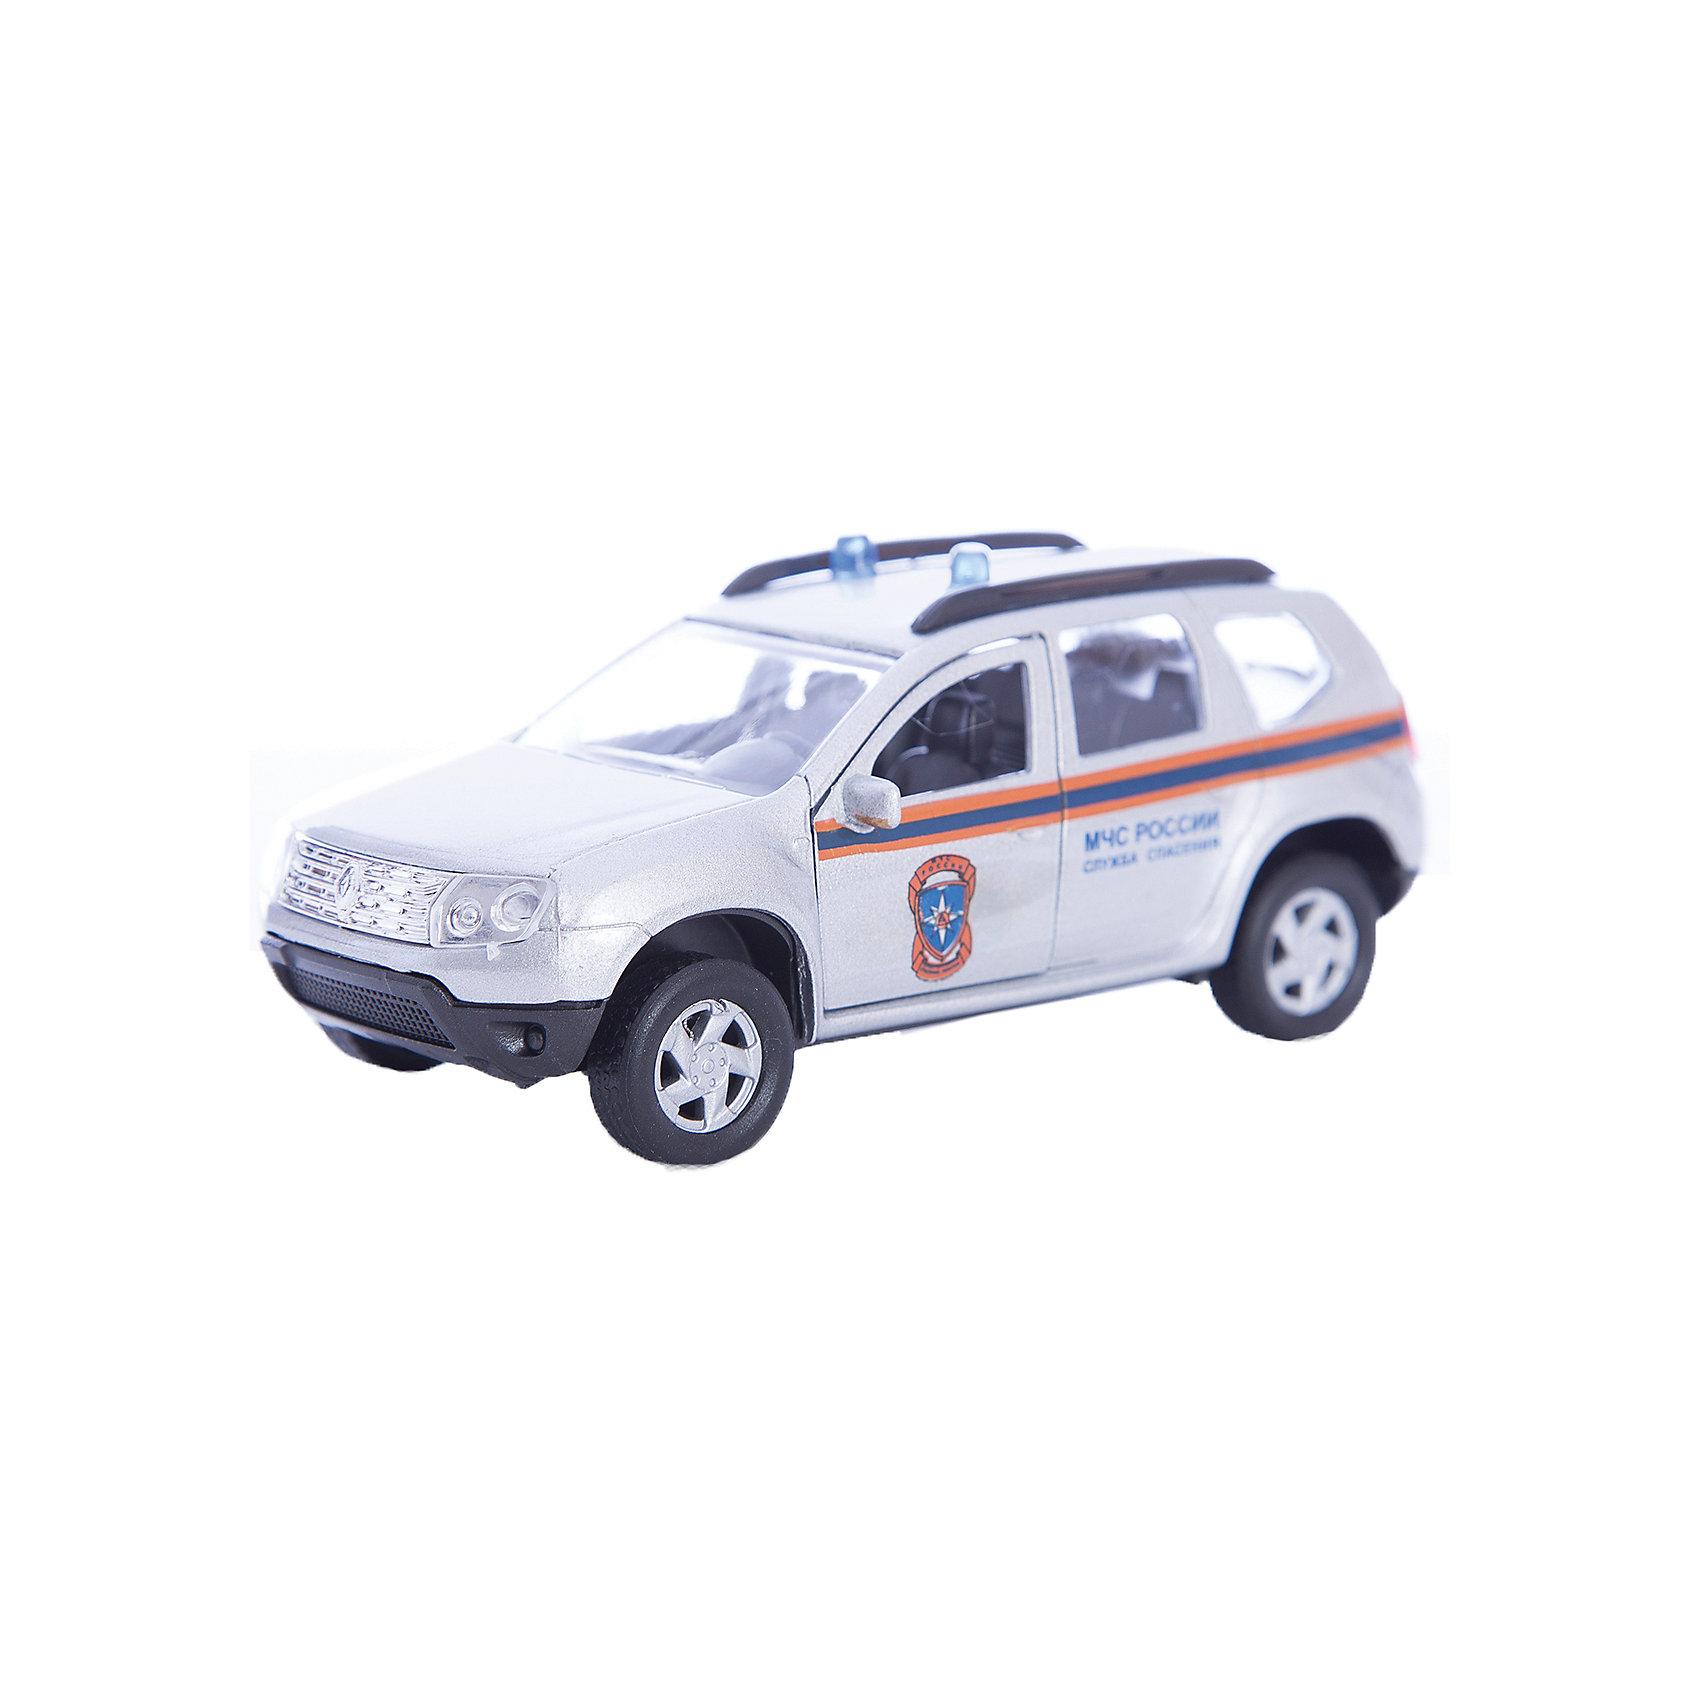 Машинка Renault Duster МЧС 1:38, AutotimeМашинки<br>Машинка Renault Duster МЧС 1:38, Autotime (Автотайм).<br><br>Характеристики:<br><br>• Масштаб 1:38<br>• Длина машинки: 11 см.<br>• Материал: металл, пластик<br>• Цвет: серебристый<br>• Упаковка: картонная коробка блистерного типа<br>• Размер упаковки: 16,5x5,7x7,2 см.<br><br>Машинка Renault Duster МЧС от Autotime (Автотайм) является уменьшенной копией служебной машины министерства по чрезвычайным ситуациям. Renault Duster - компактный кроссовер. Название можно перевести как Пыльник, т.е. это внедорожник — автомобиль для пыльных дорог. Модель имеет высокую степень детализации. Машинка окрашена в серебристый цвет с маркировкой МЧС России и оснащена проблесковыми маячками синего цвета. Корпус машинки изготовлен из металла, а все дополнительные элементы из пластика. Передние двери открываются, что позволяет рассмотреть салон изнутри в деталях. Машинка оснащена инерционным механизмом. Машинка МЧС Renault Duster станет хорошим подарком и ребенку, и коллекционеру моделей автомобилей.<br><br>Машинку Renault Duster МЧС 1:38, Autotime (Автотайм) можно купить в нашем интернет-магазине.<br><br>Ширина мм: 165<br>Глубина мм: 57<br>Высота мм: 75<br>Вес г: 23<br>Возраст от месяцев: 36<br>Возраст до месяцев: 2147483647<br>Пол: Мужской<br>Возраст: Детский<br>SKU: 5583860